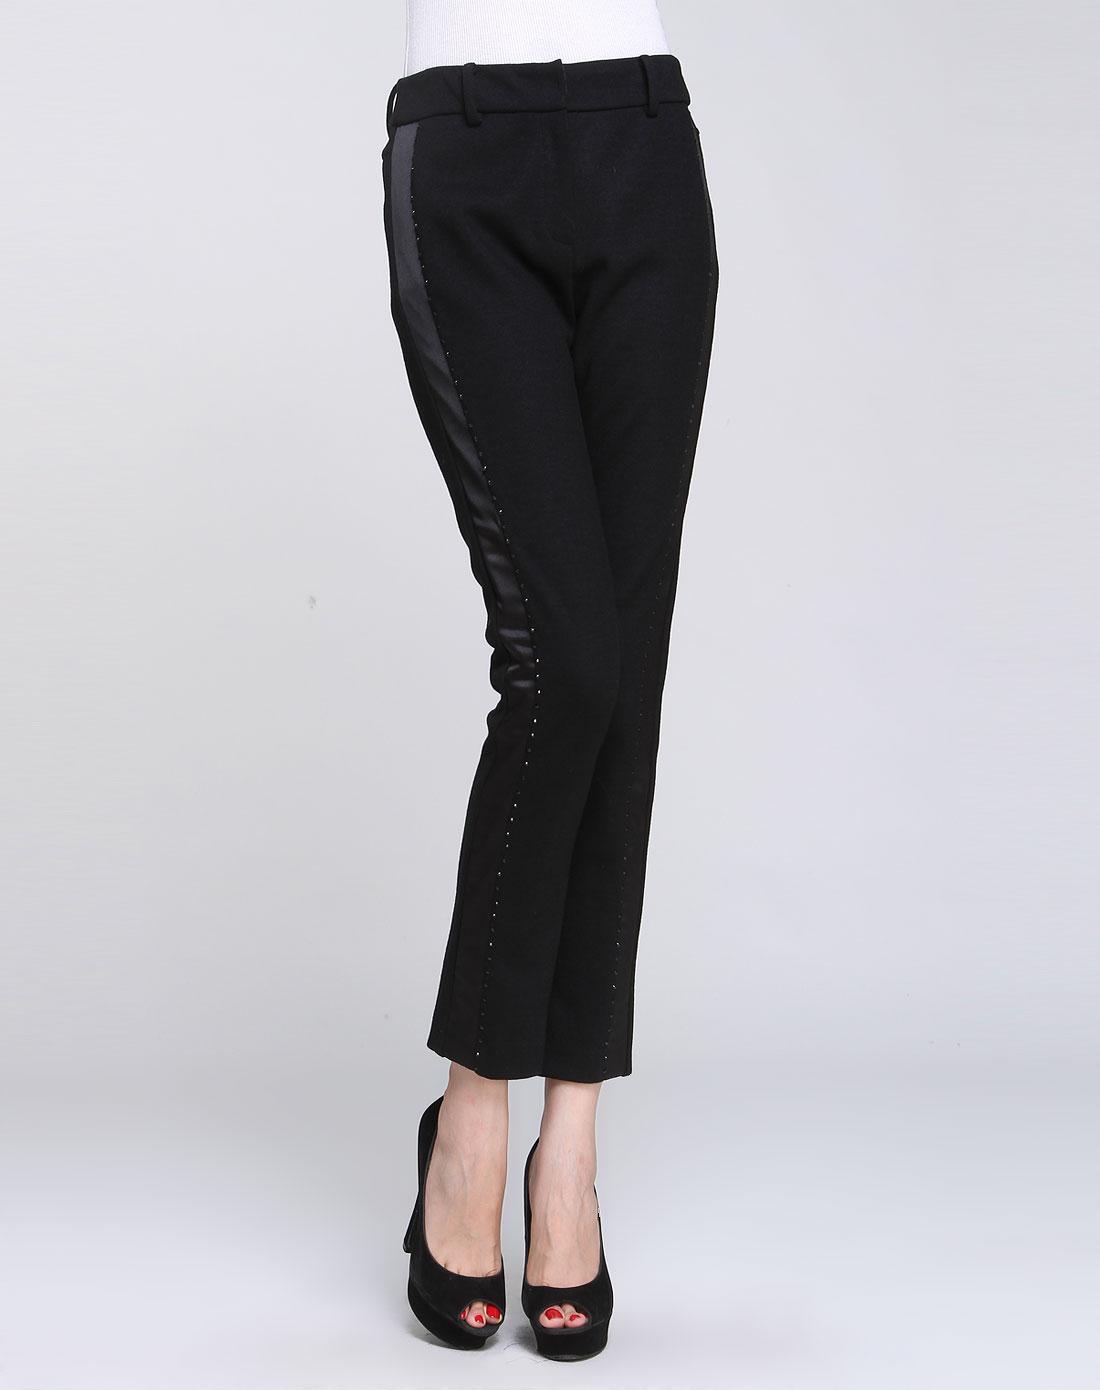 女款黑色针织裤子